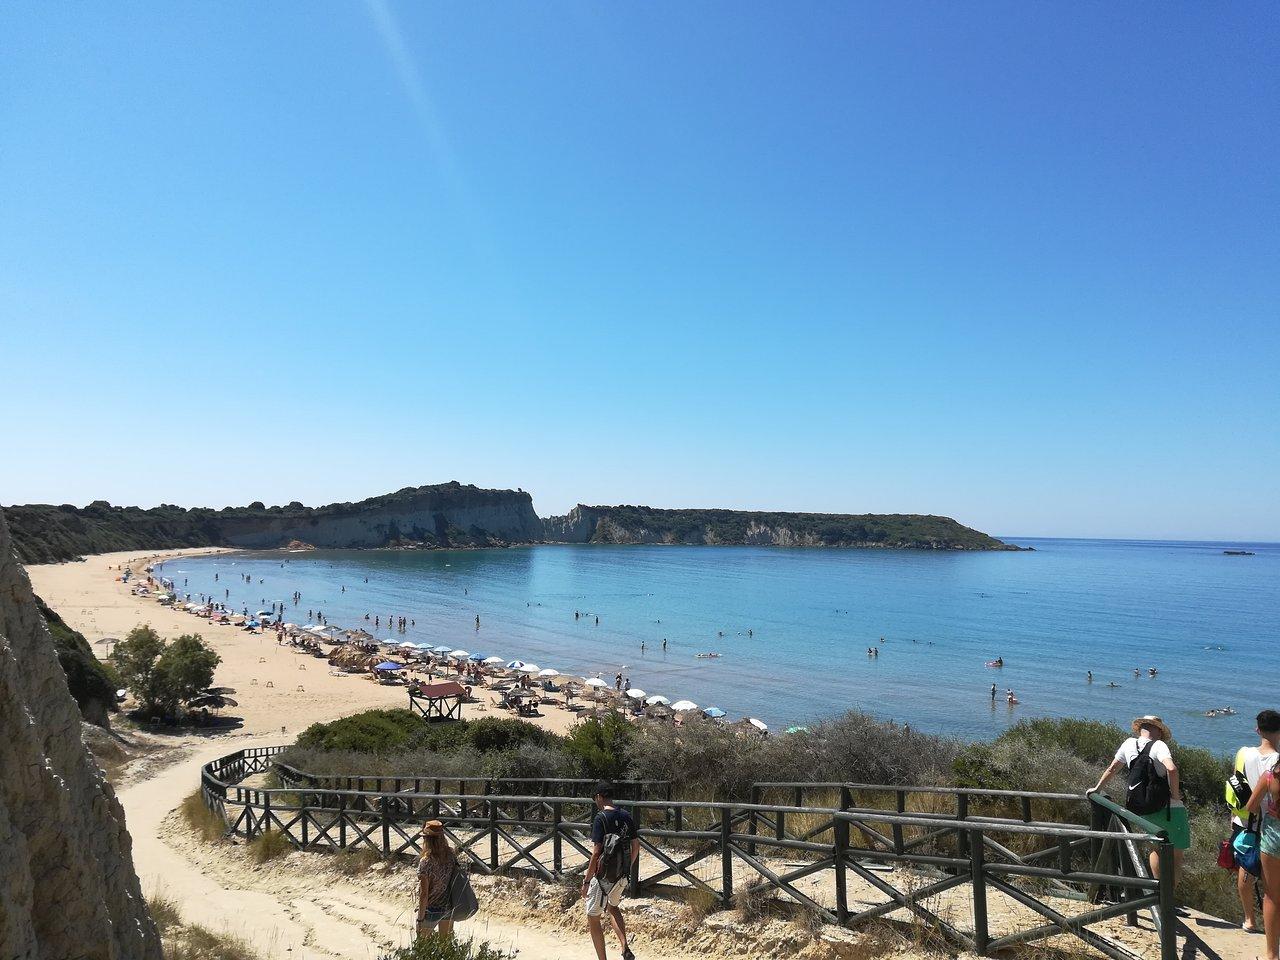 Zakynthos Shipwreck Beach Excursion 2020 | 960x1280